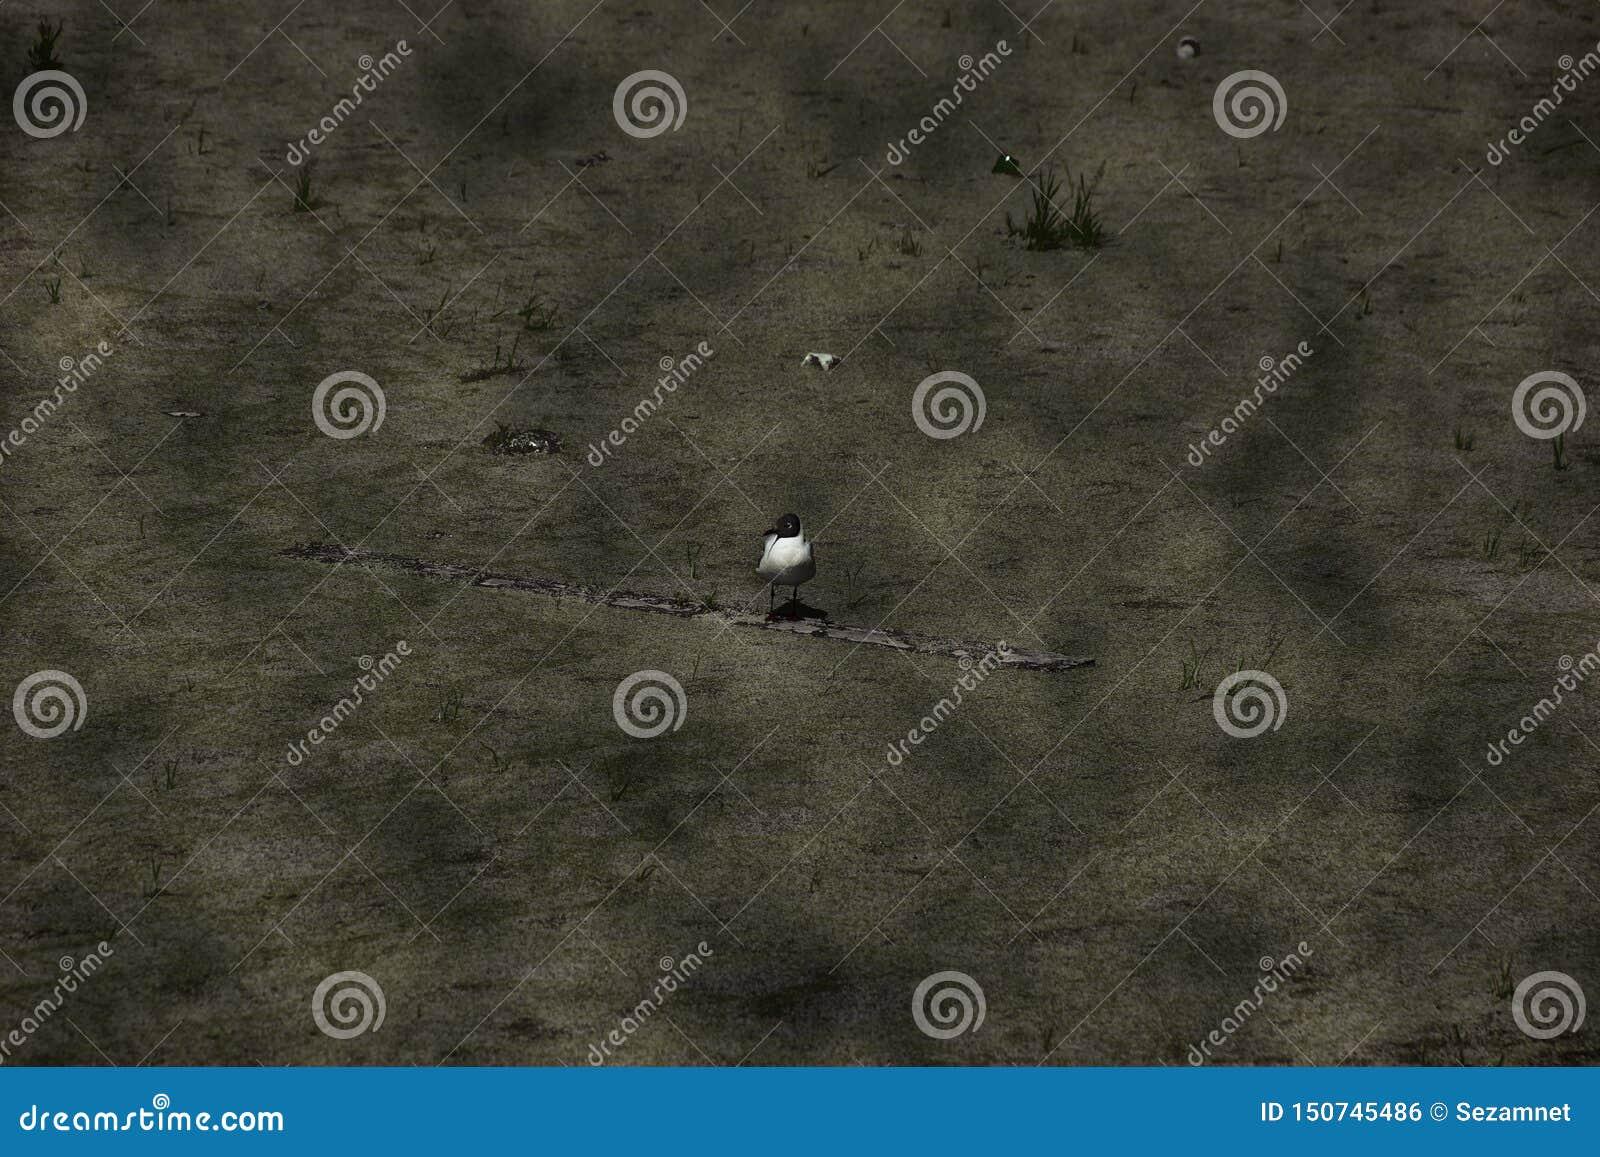 Έννοια περιβαλλοντικό ρύπανση Seagull οικολογίας σε μια βρώμικη λίμνη